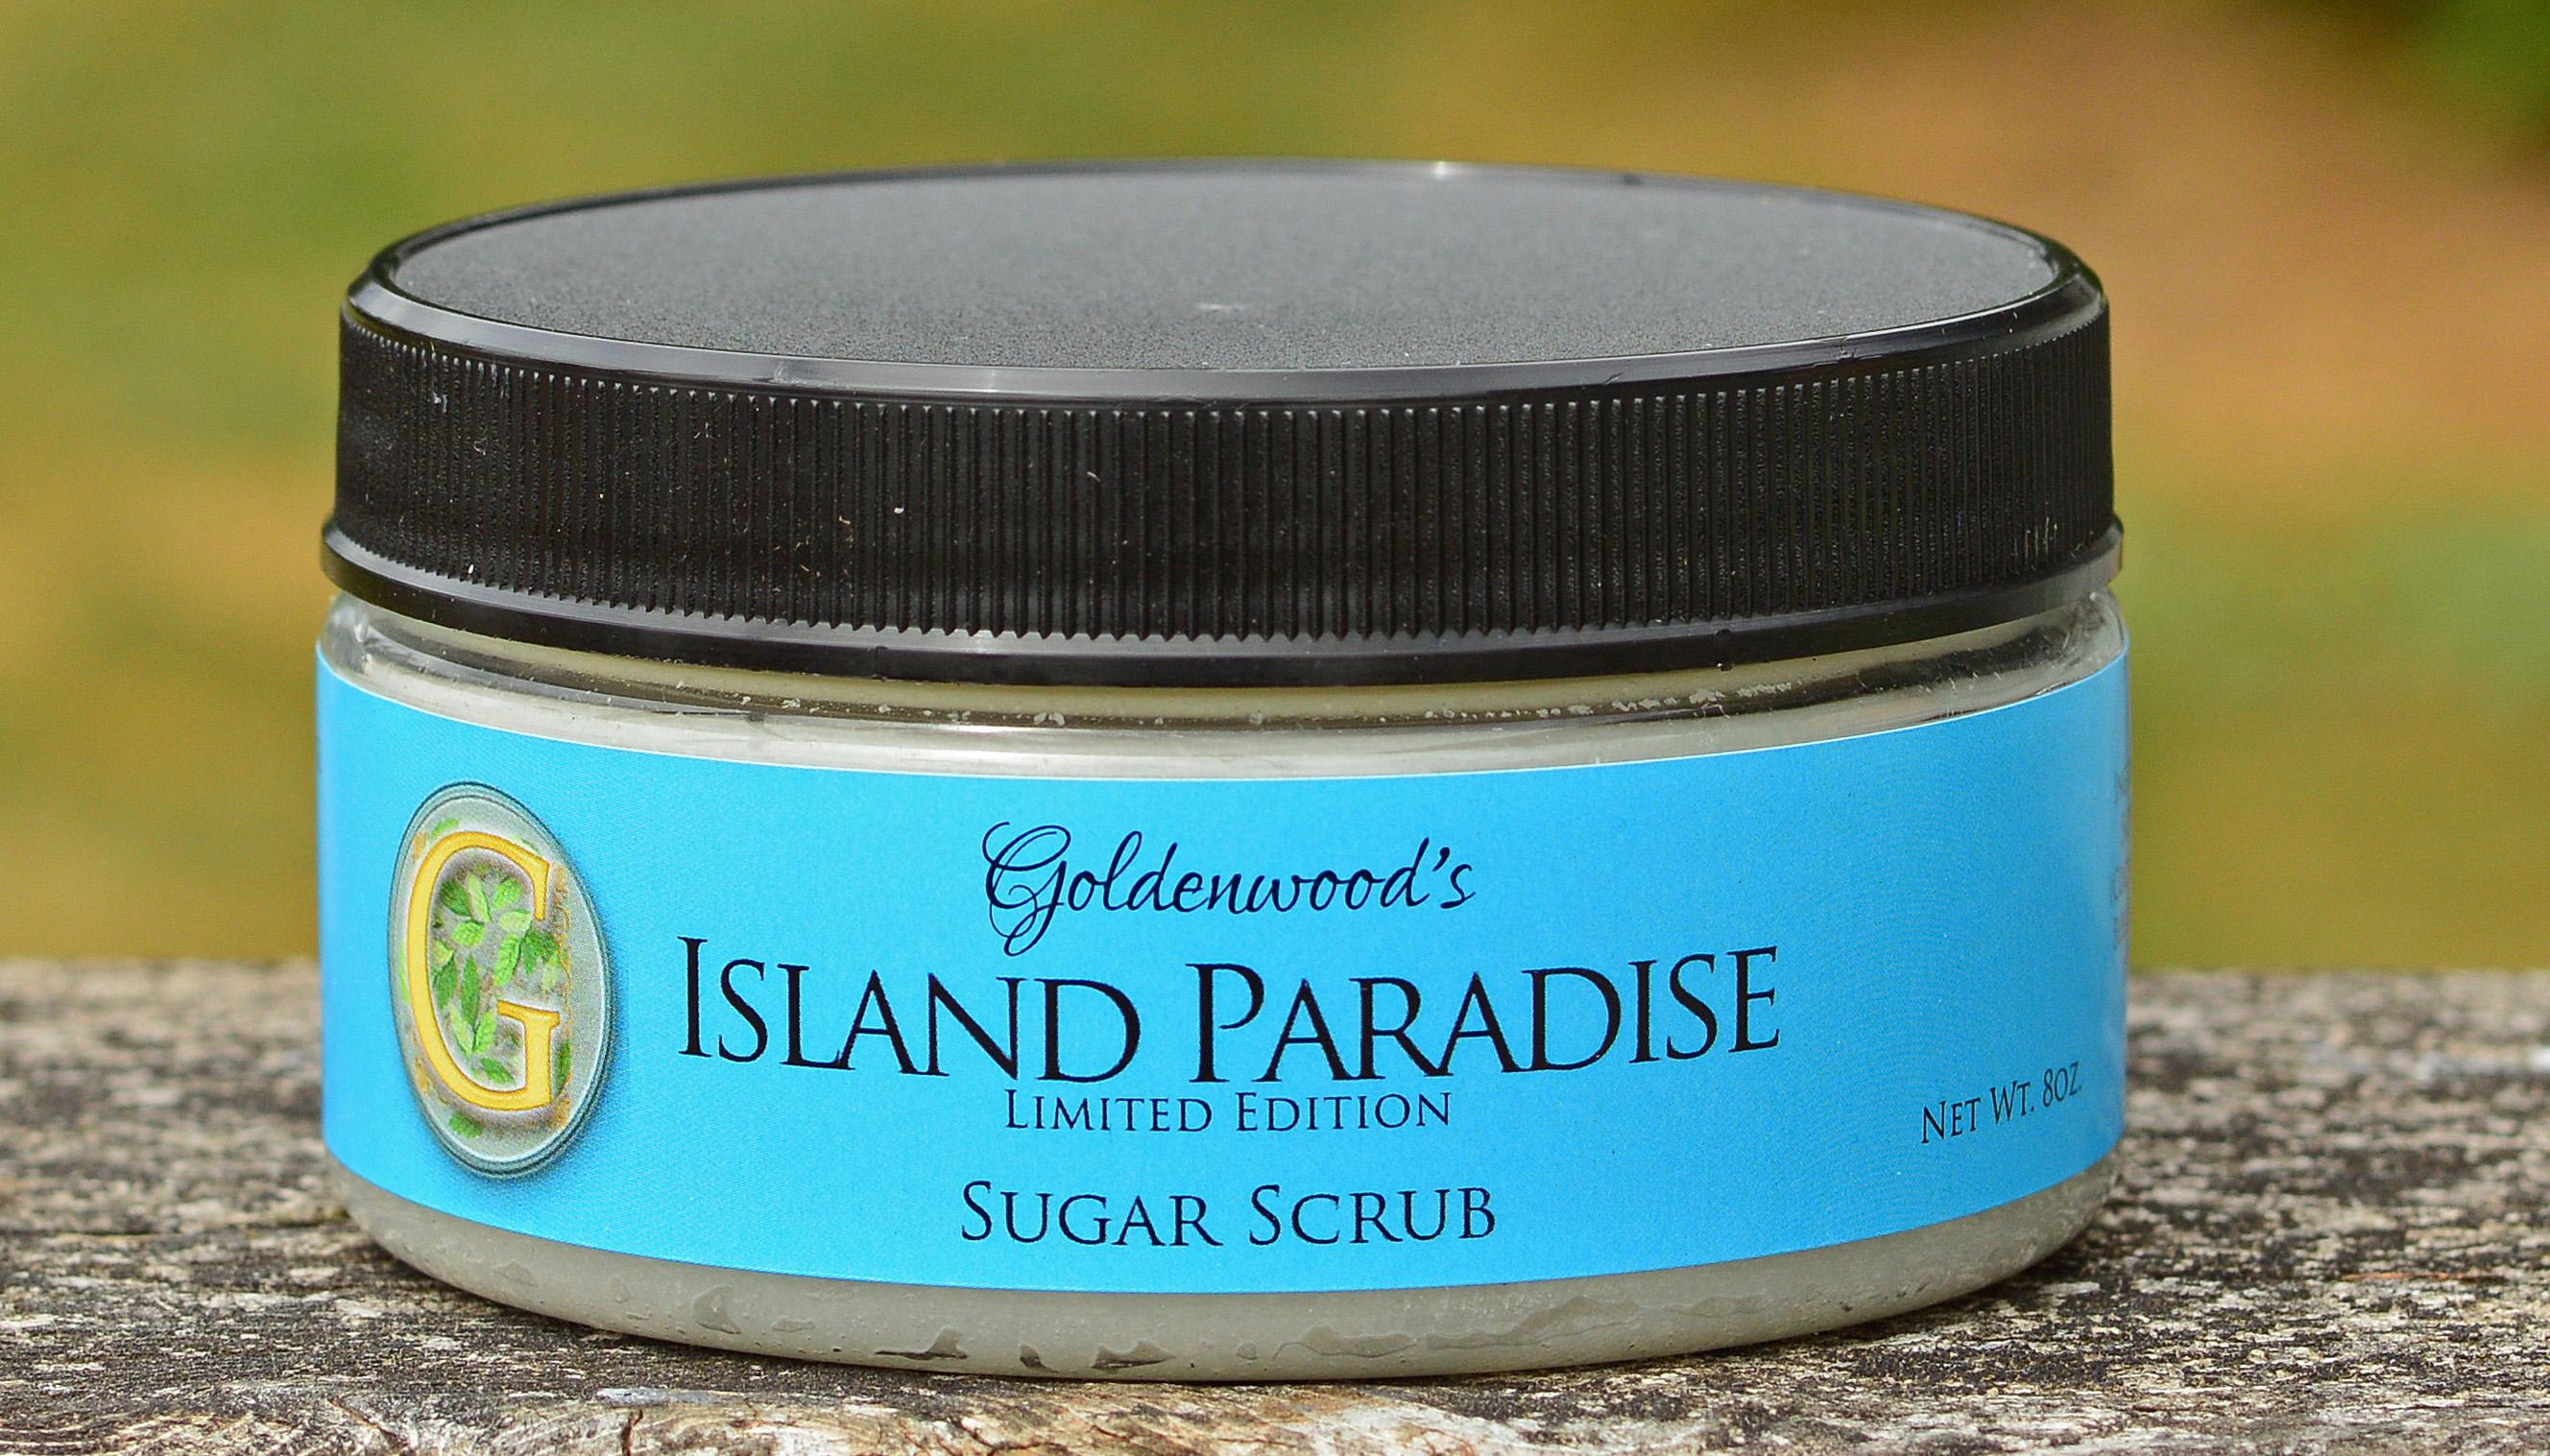 Island Paradise Sugar Scrub